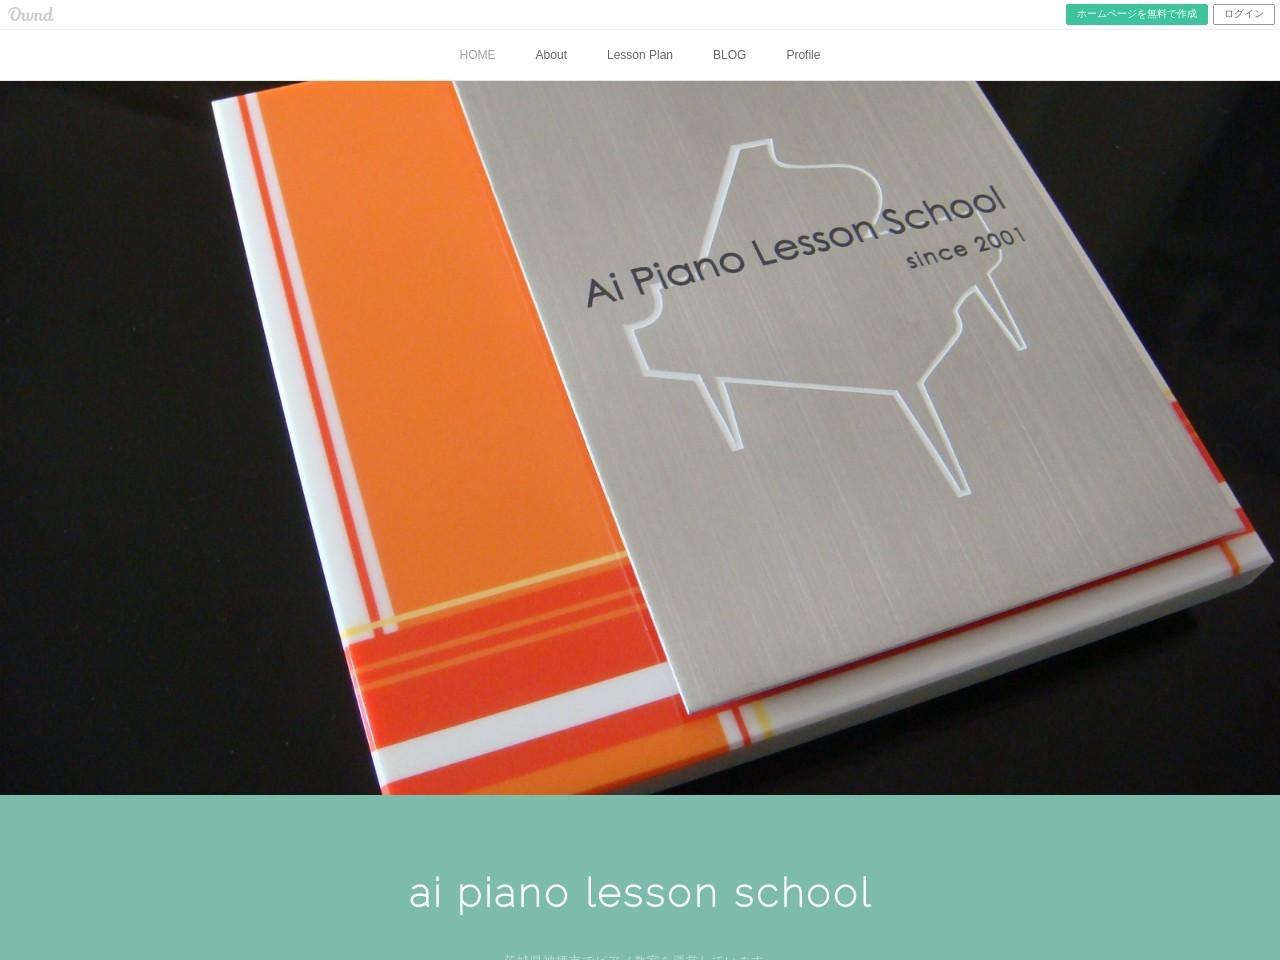 アイ・ピアノ教室のサムネイル